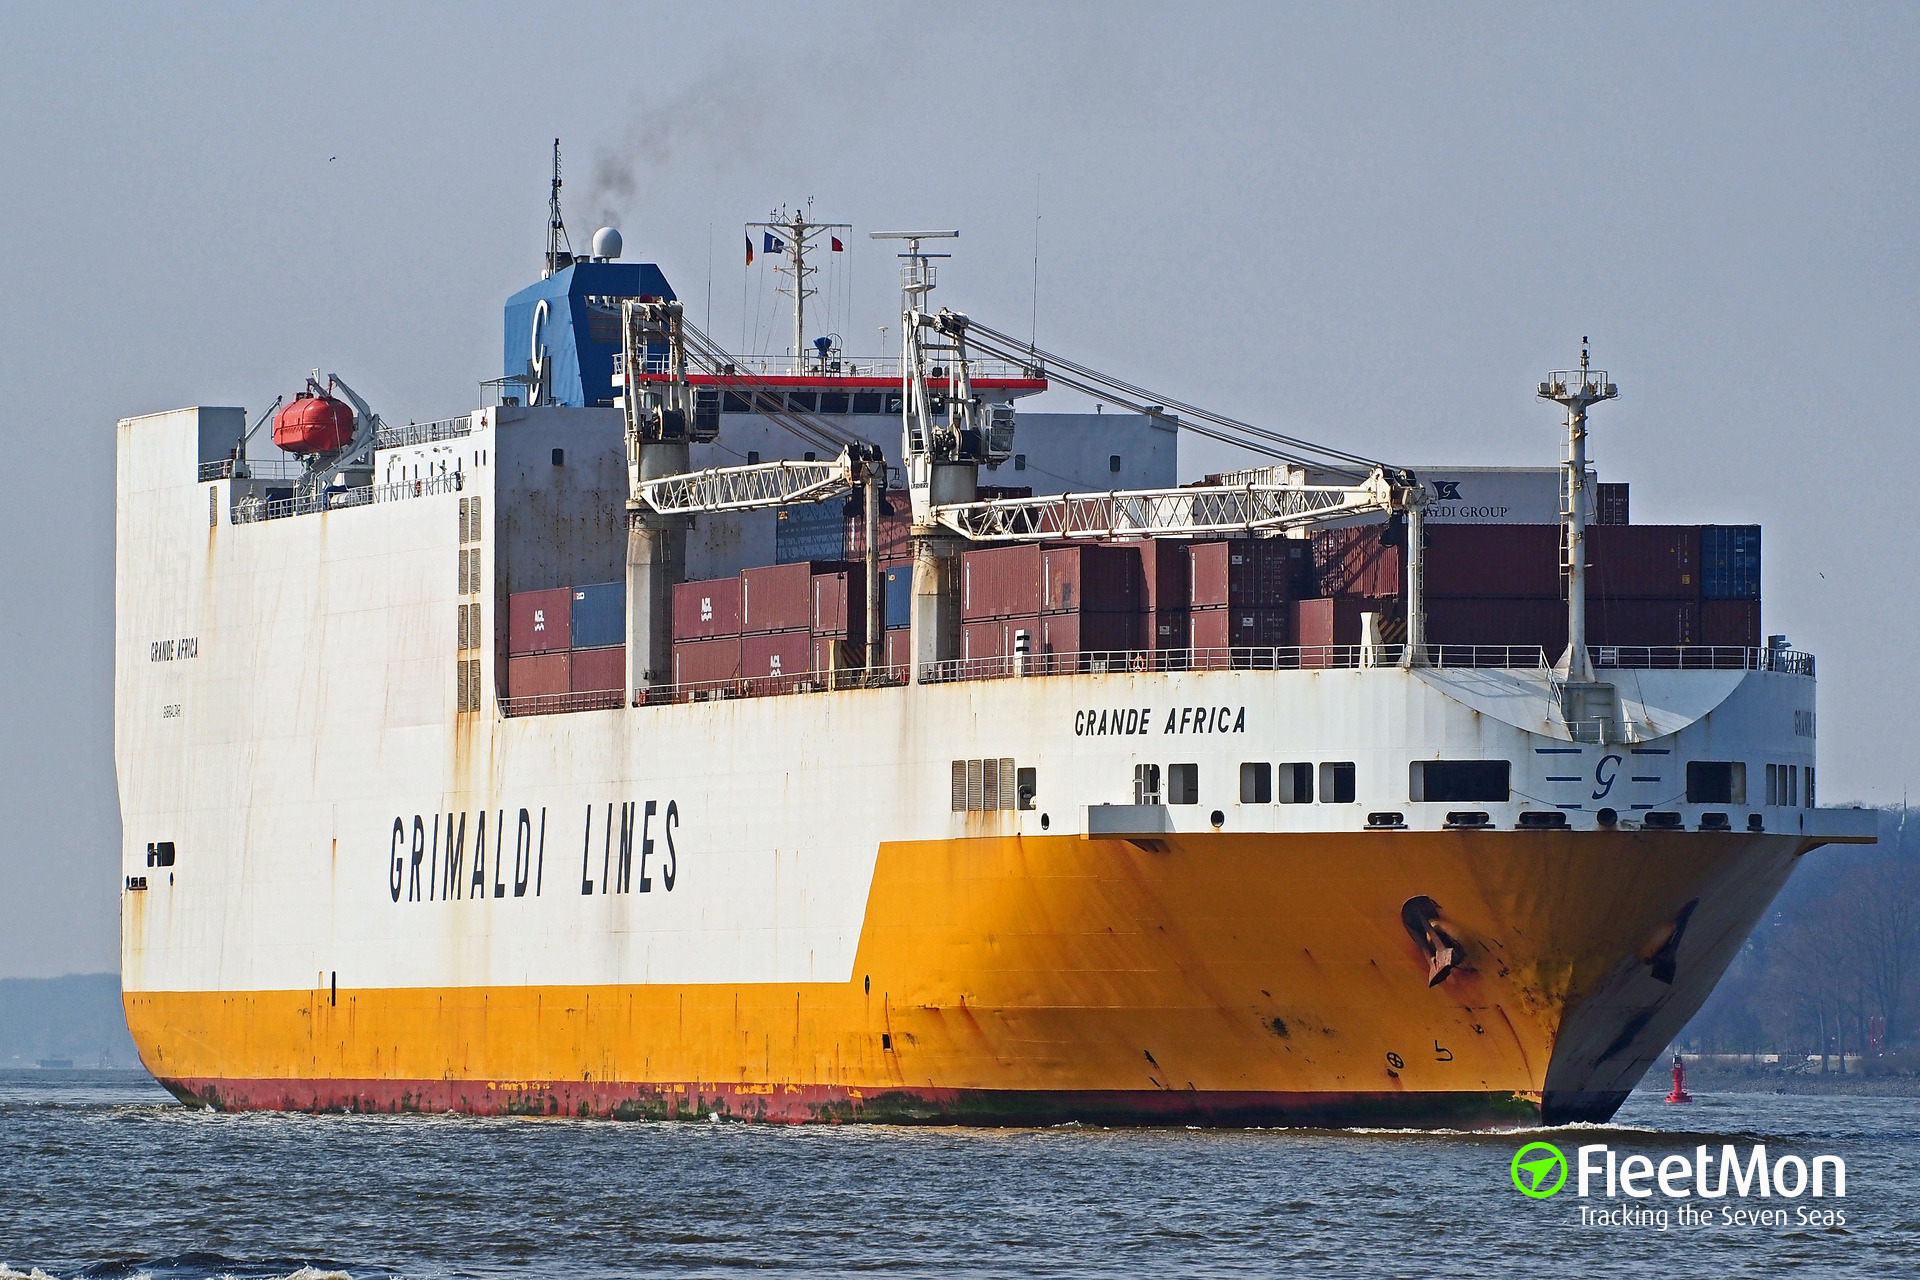 Car carrier Grande Africa vs. river tanker Leonardo, Western Scheldt